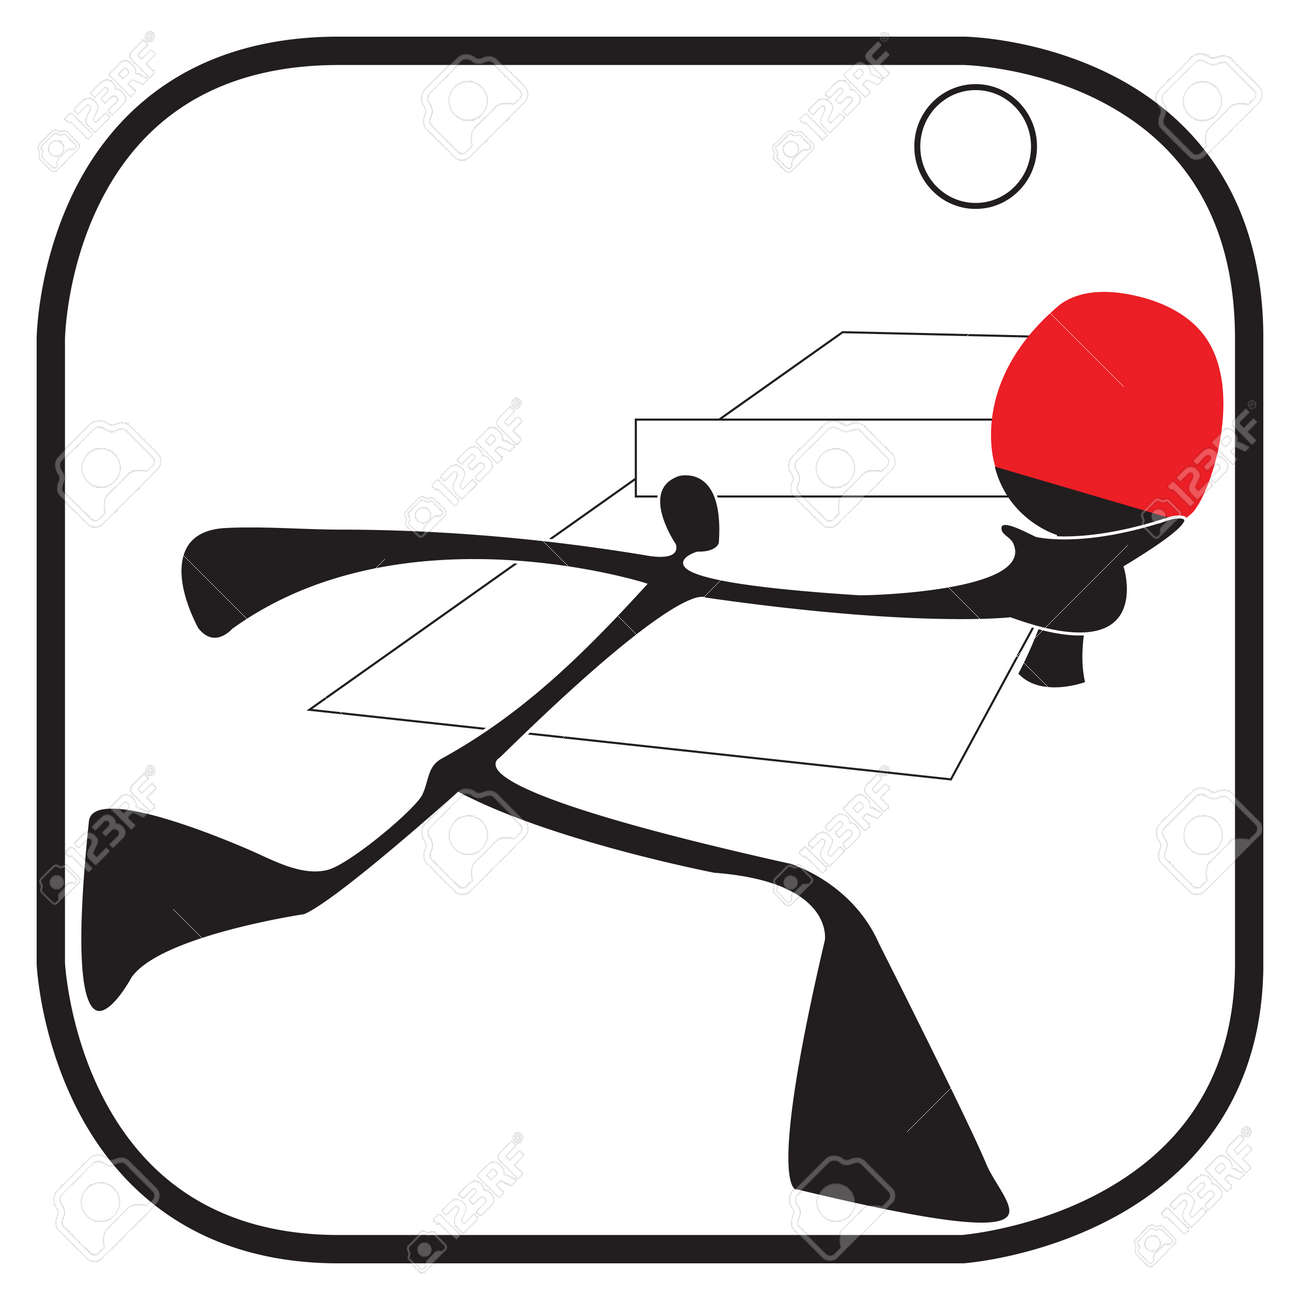 Sombra Hombre Simbolo De Dibujos Animados De Accion Juego De Tenis